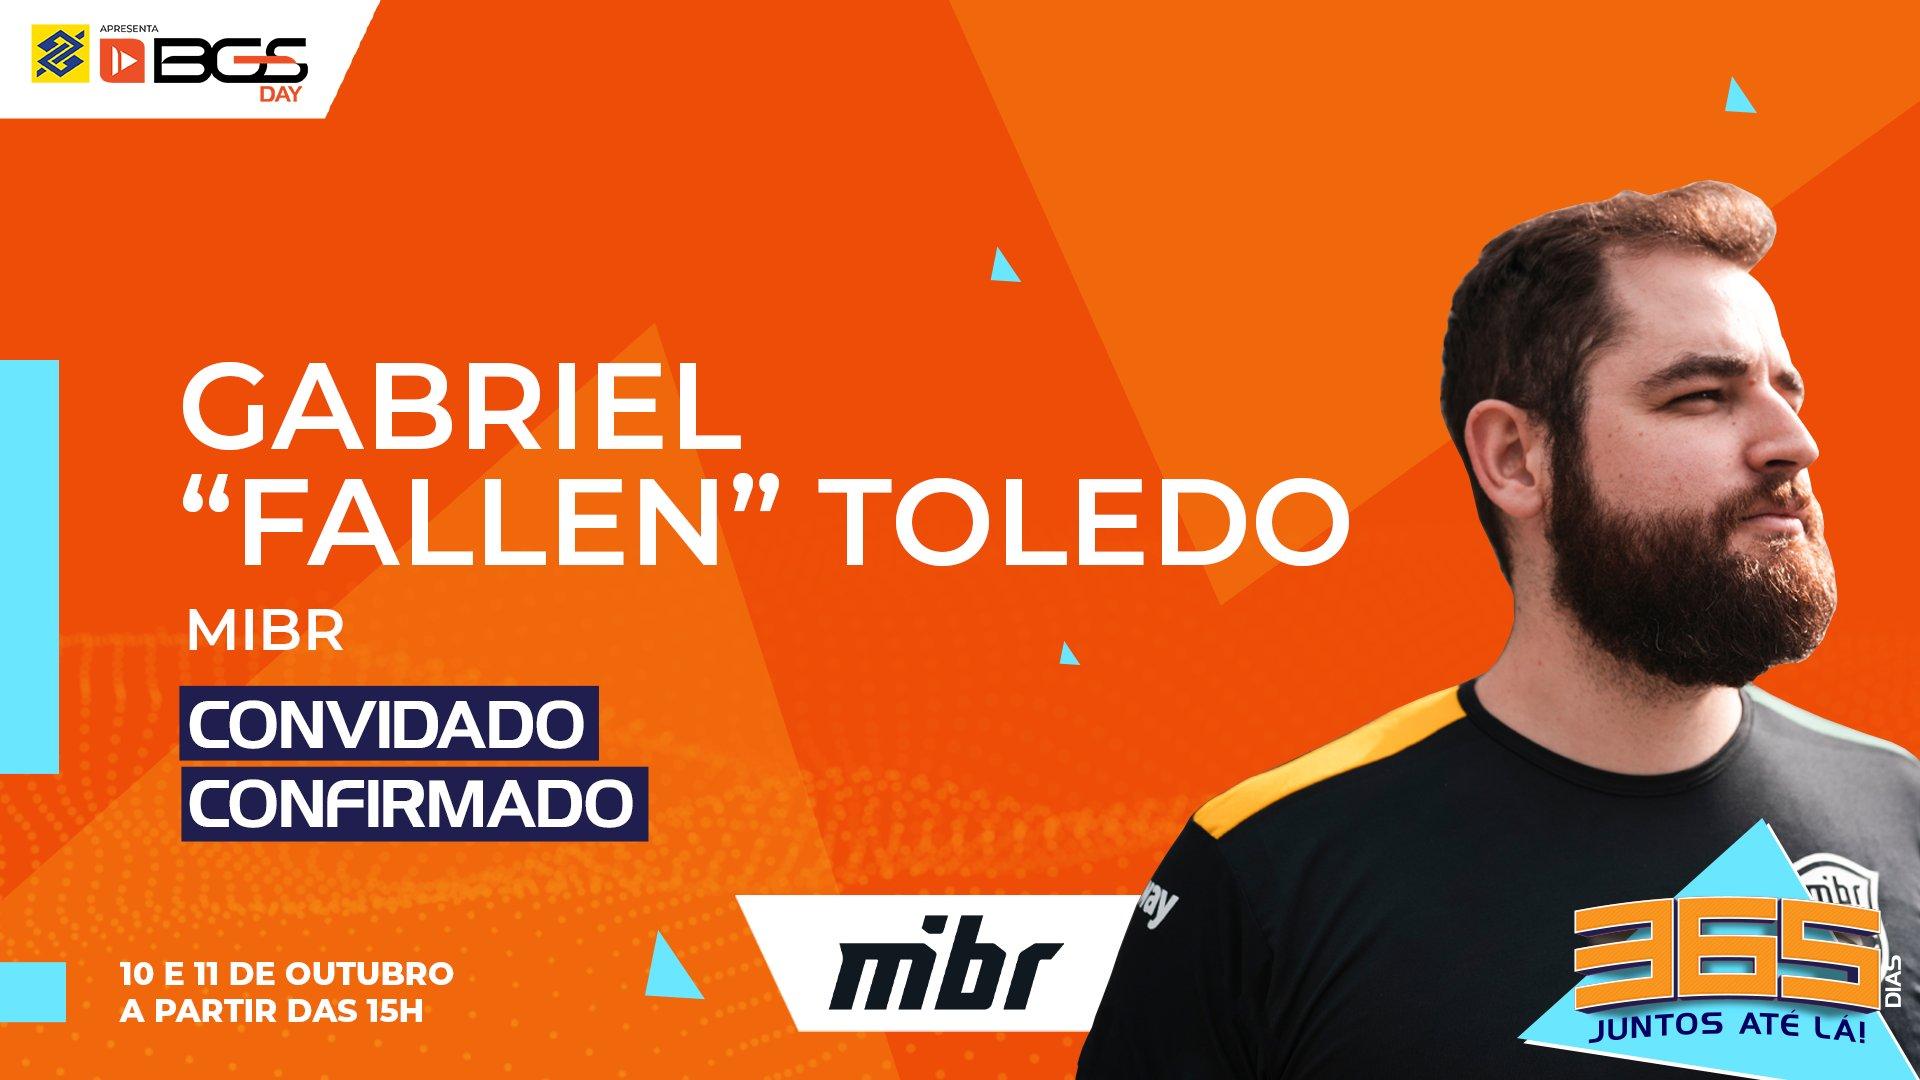 gabriel fallen toledo bgs day 2020 brasil game show largo